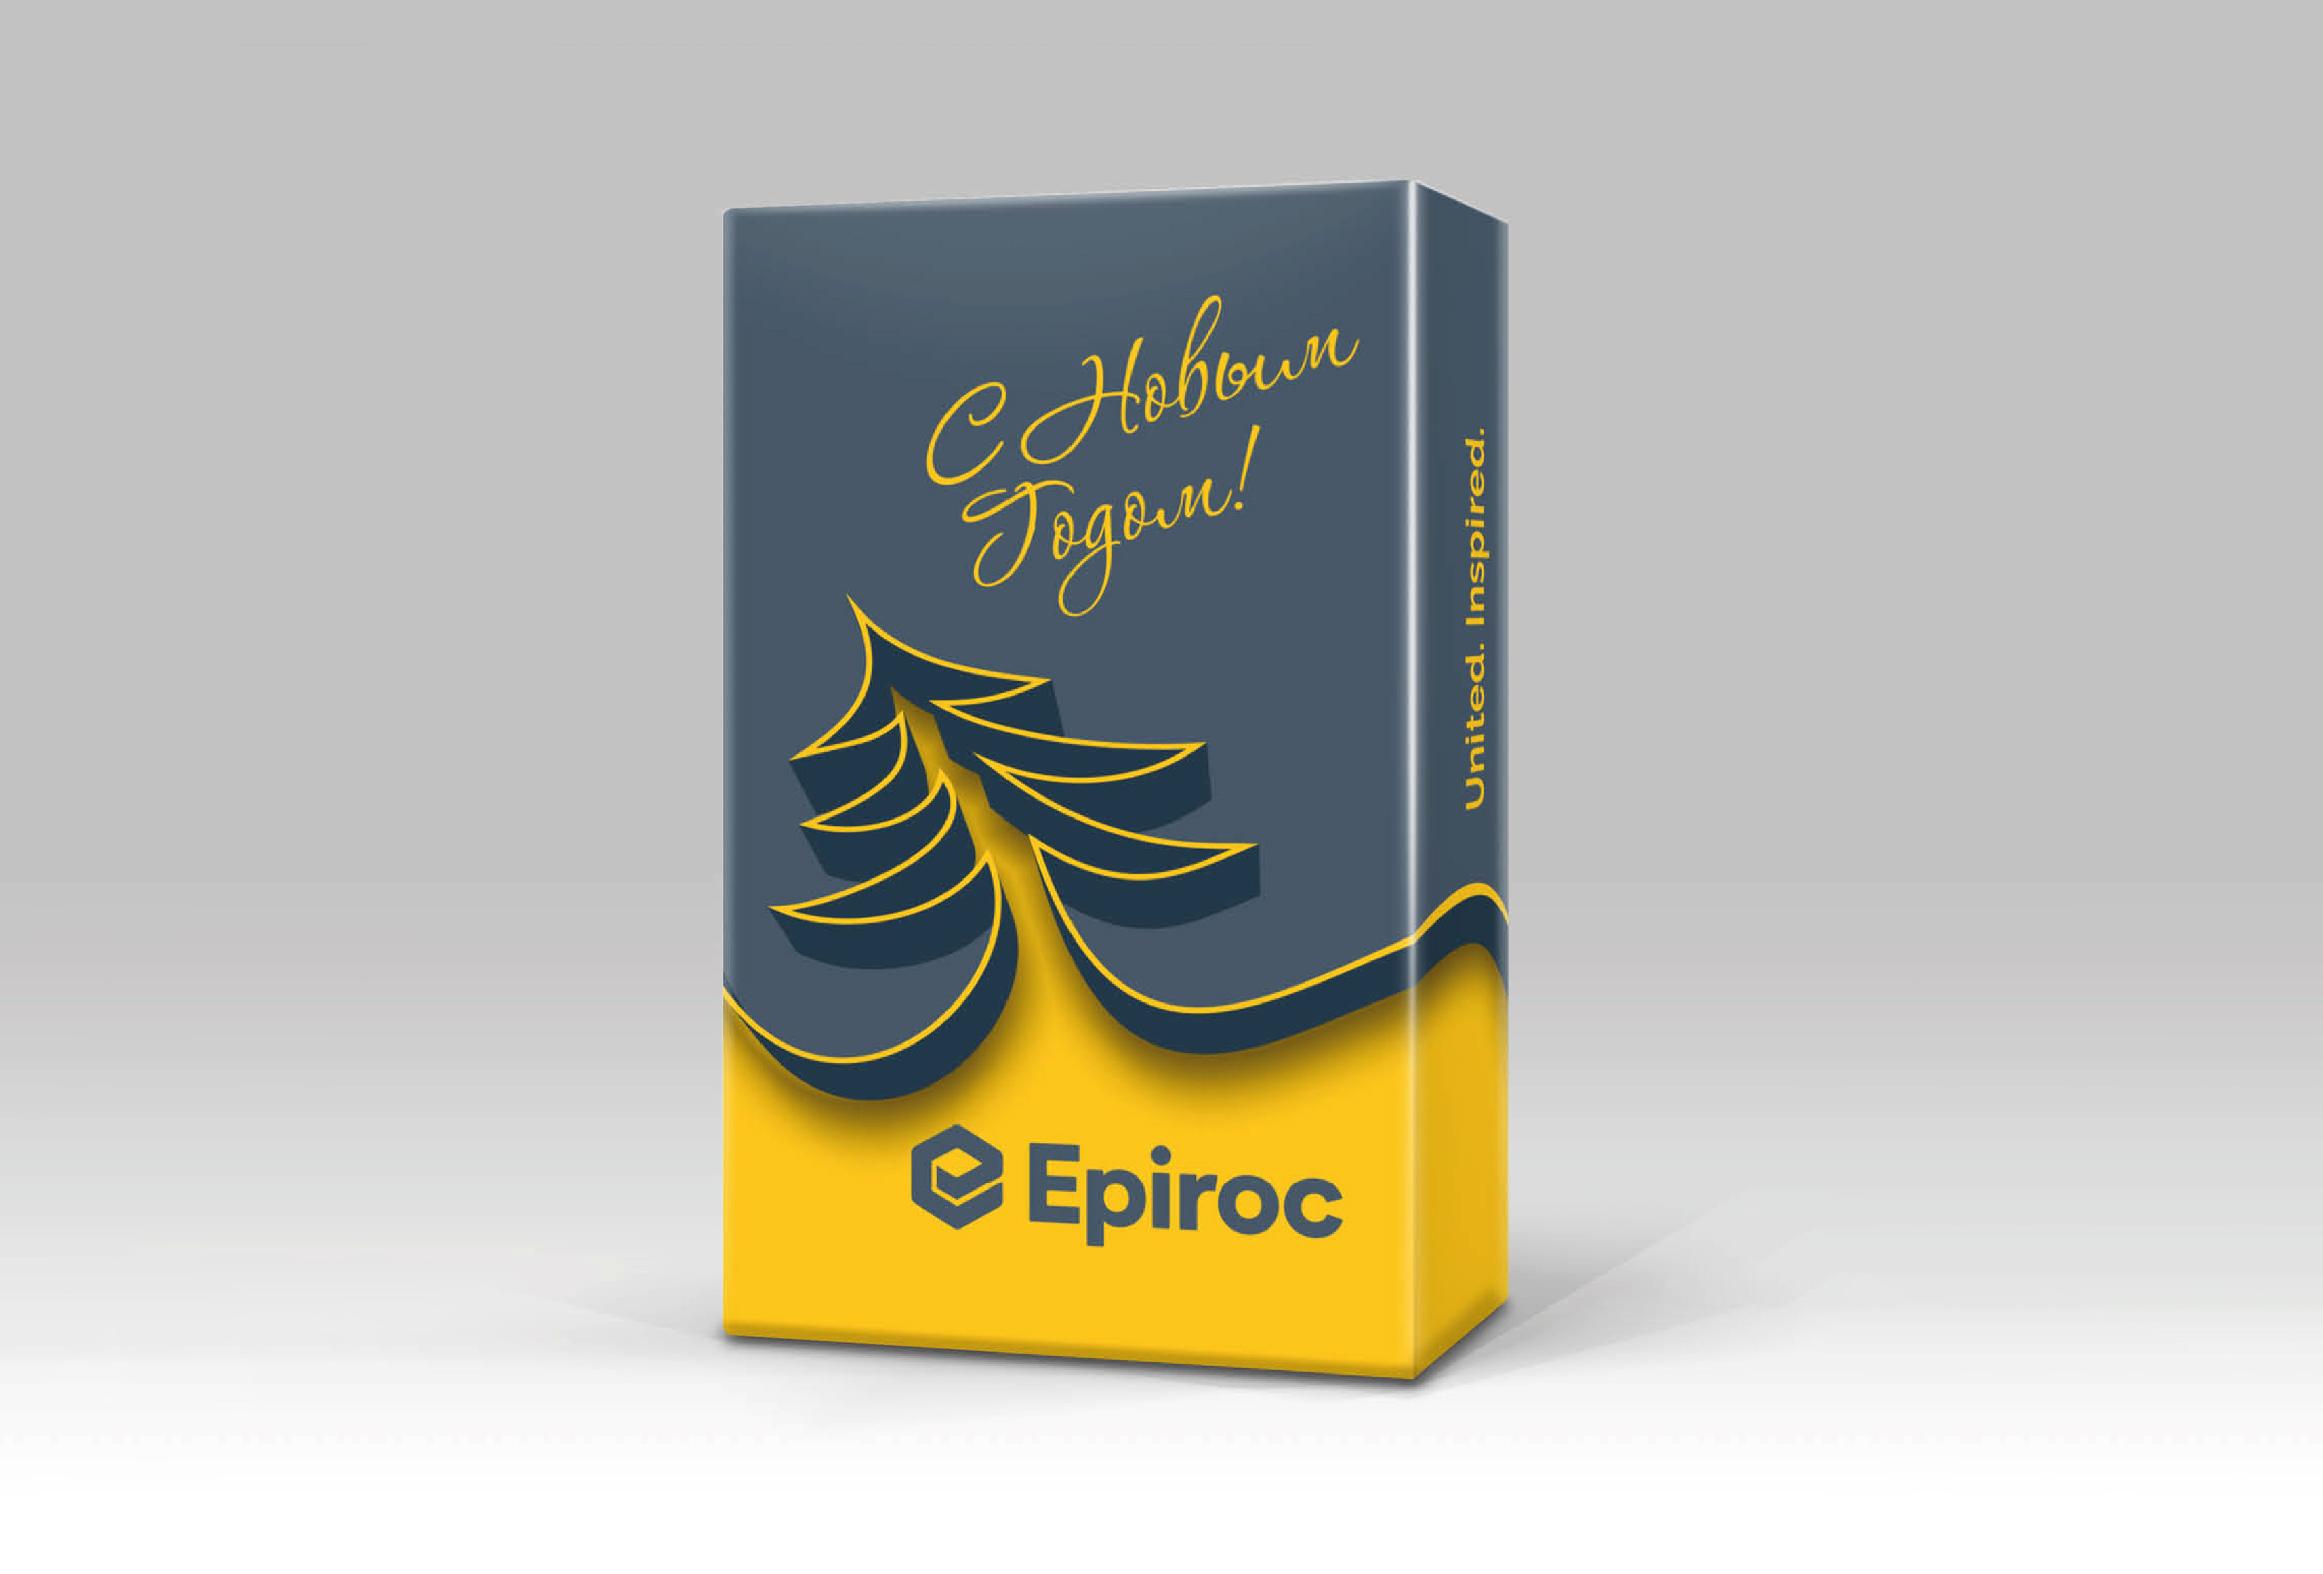 Epiroc, дизайн, корпоратив, посадочный билет, алматы, полиграфия